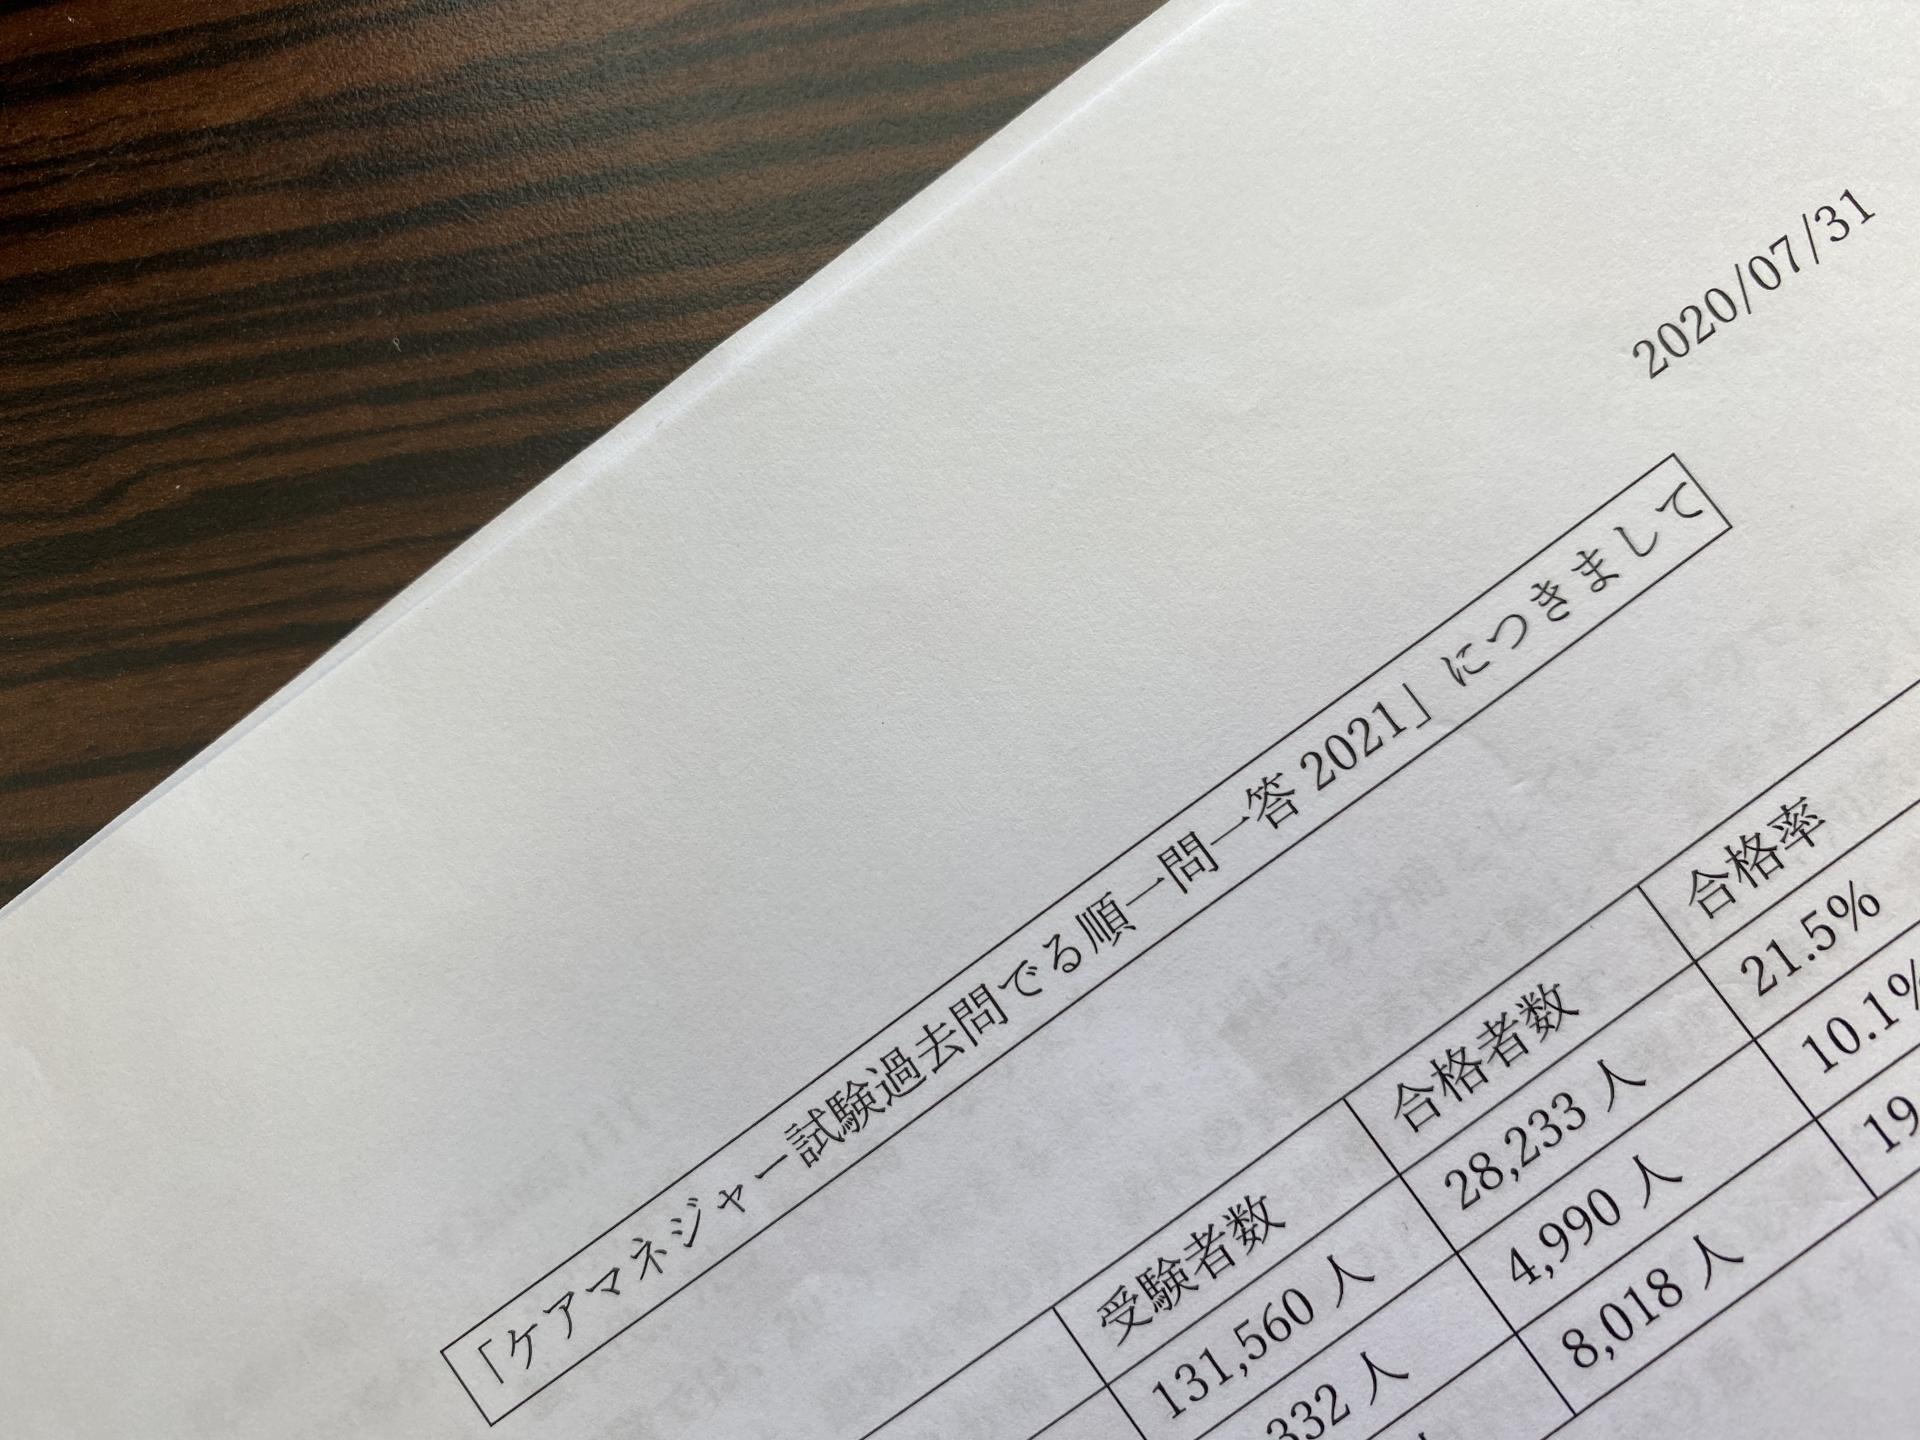 第23回 介護支援専門員試験(10月11日)・・そして受験本。